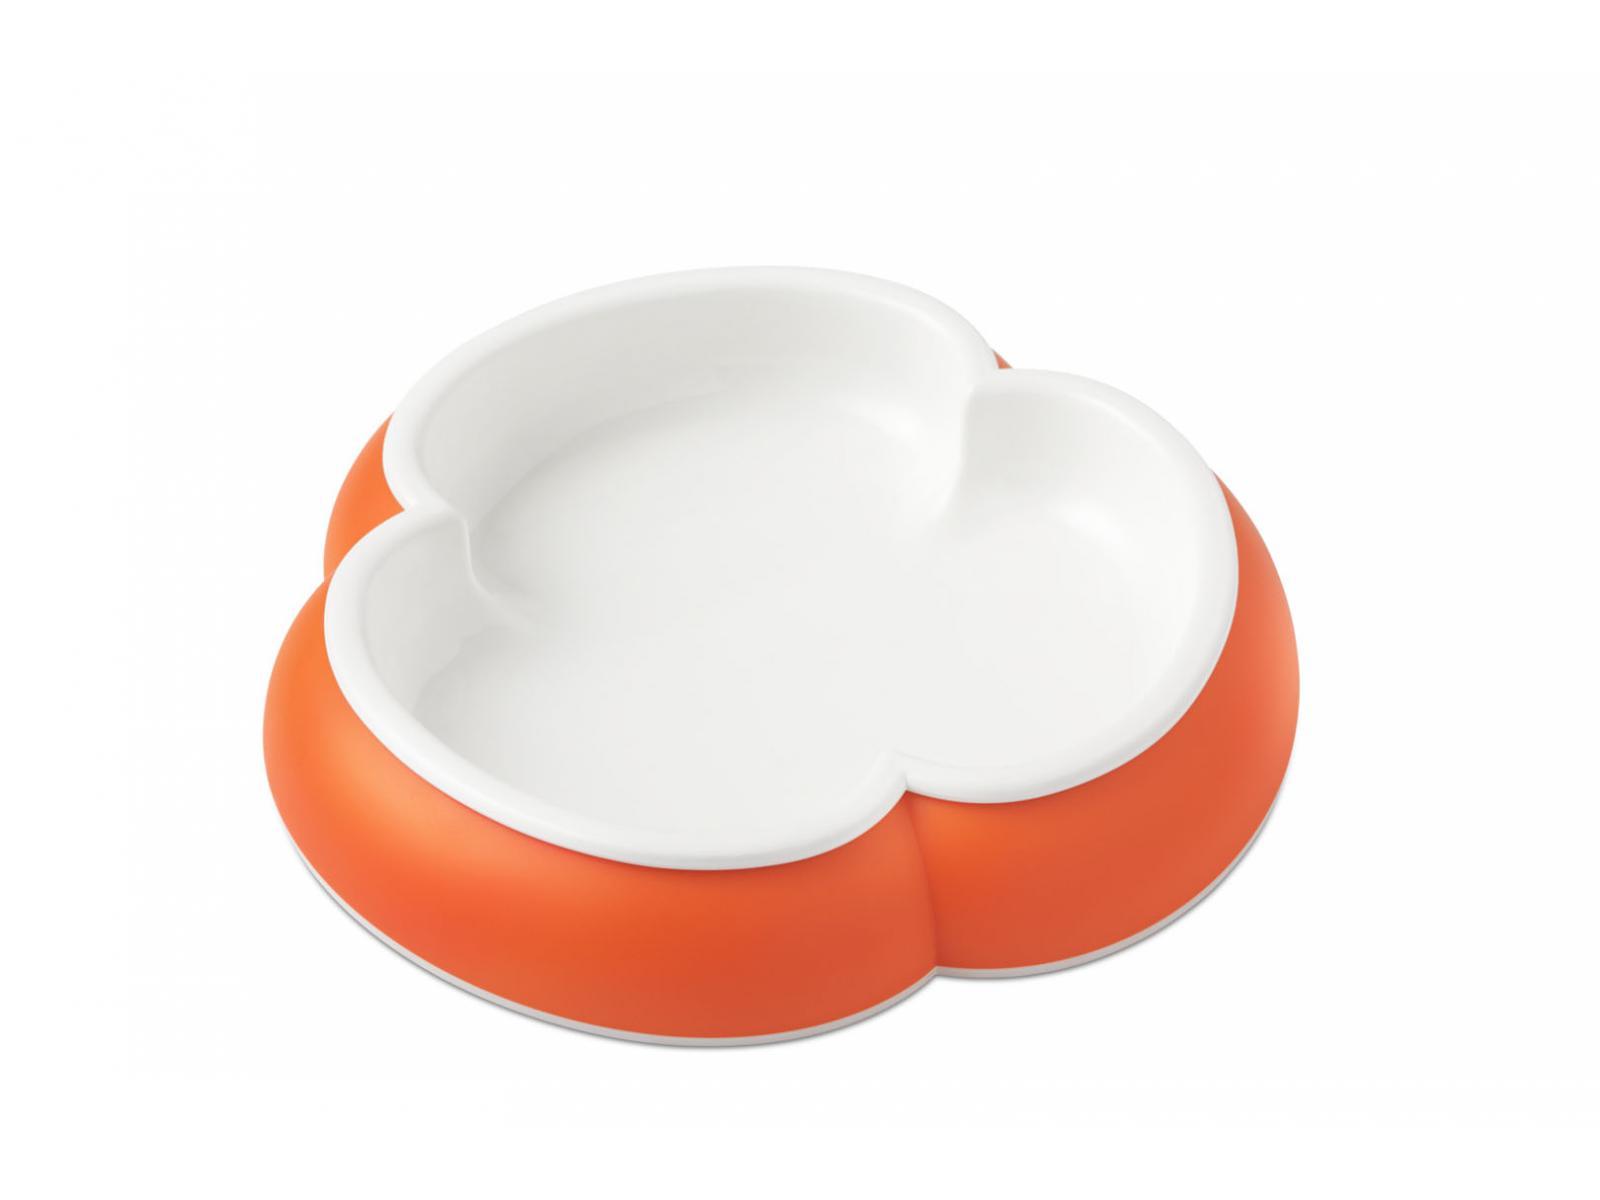 babybjorn assiette cuill re et fourchette pour b b babybj rn lot de 2 orange turquoise. Black Bedroom Furniture Sets. Home Design Ideas